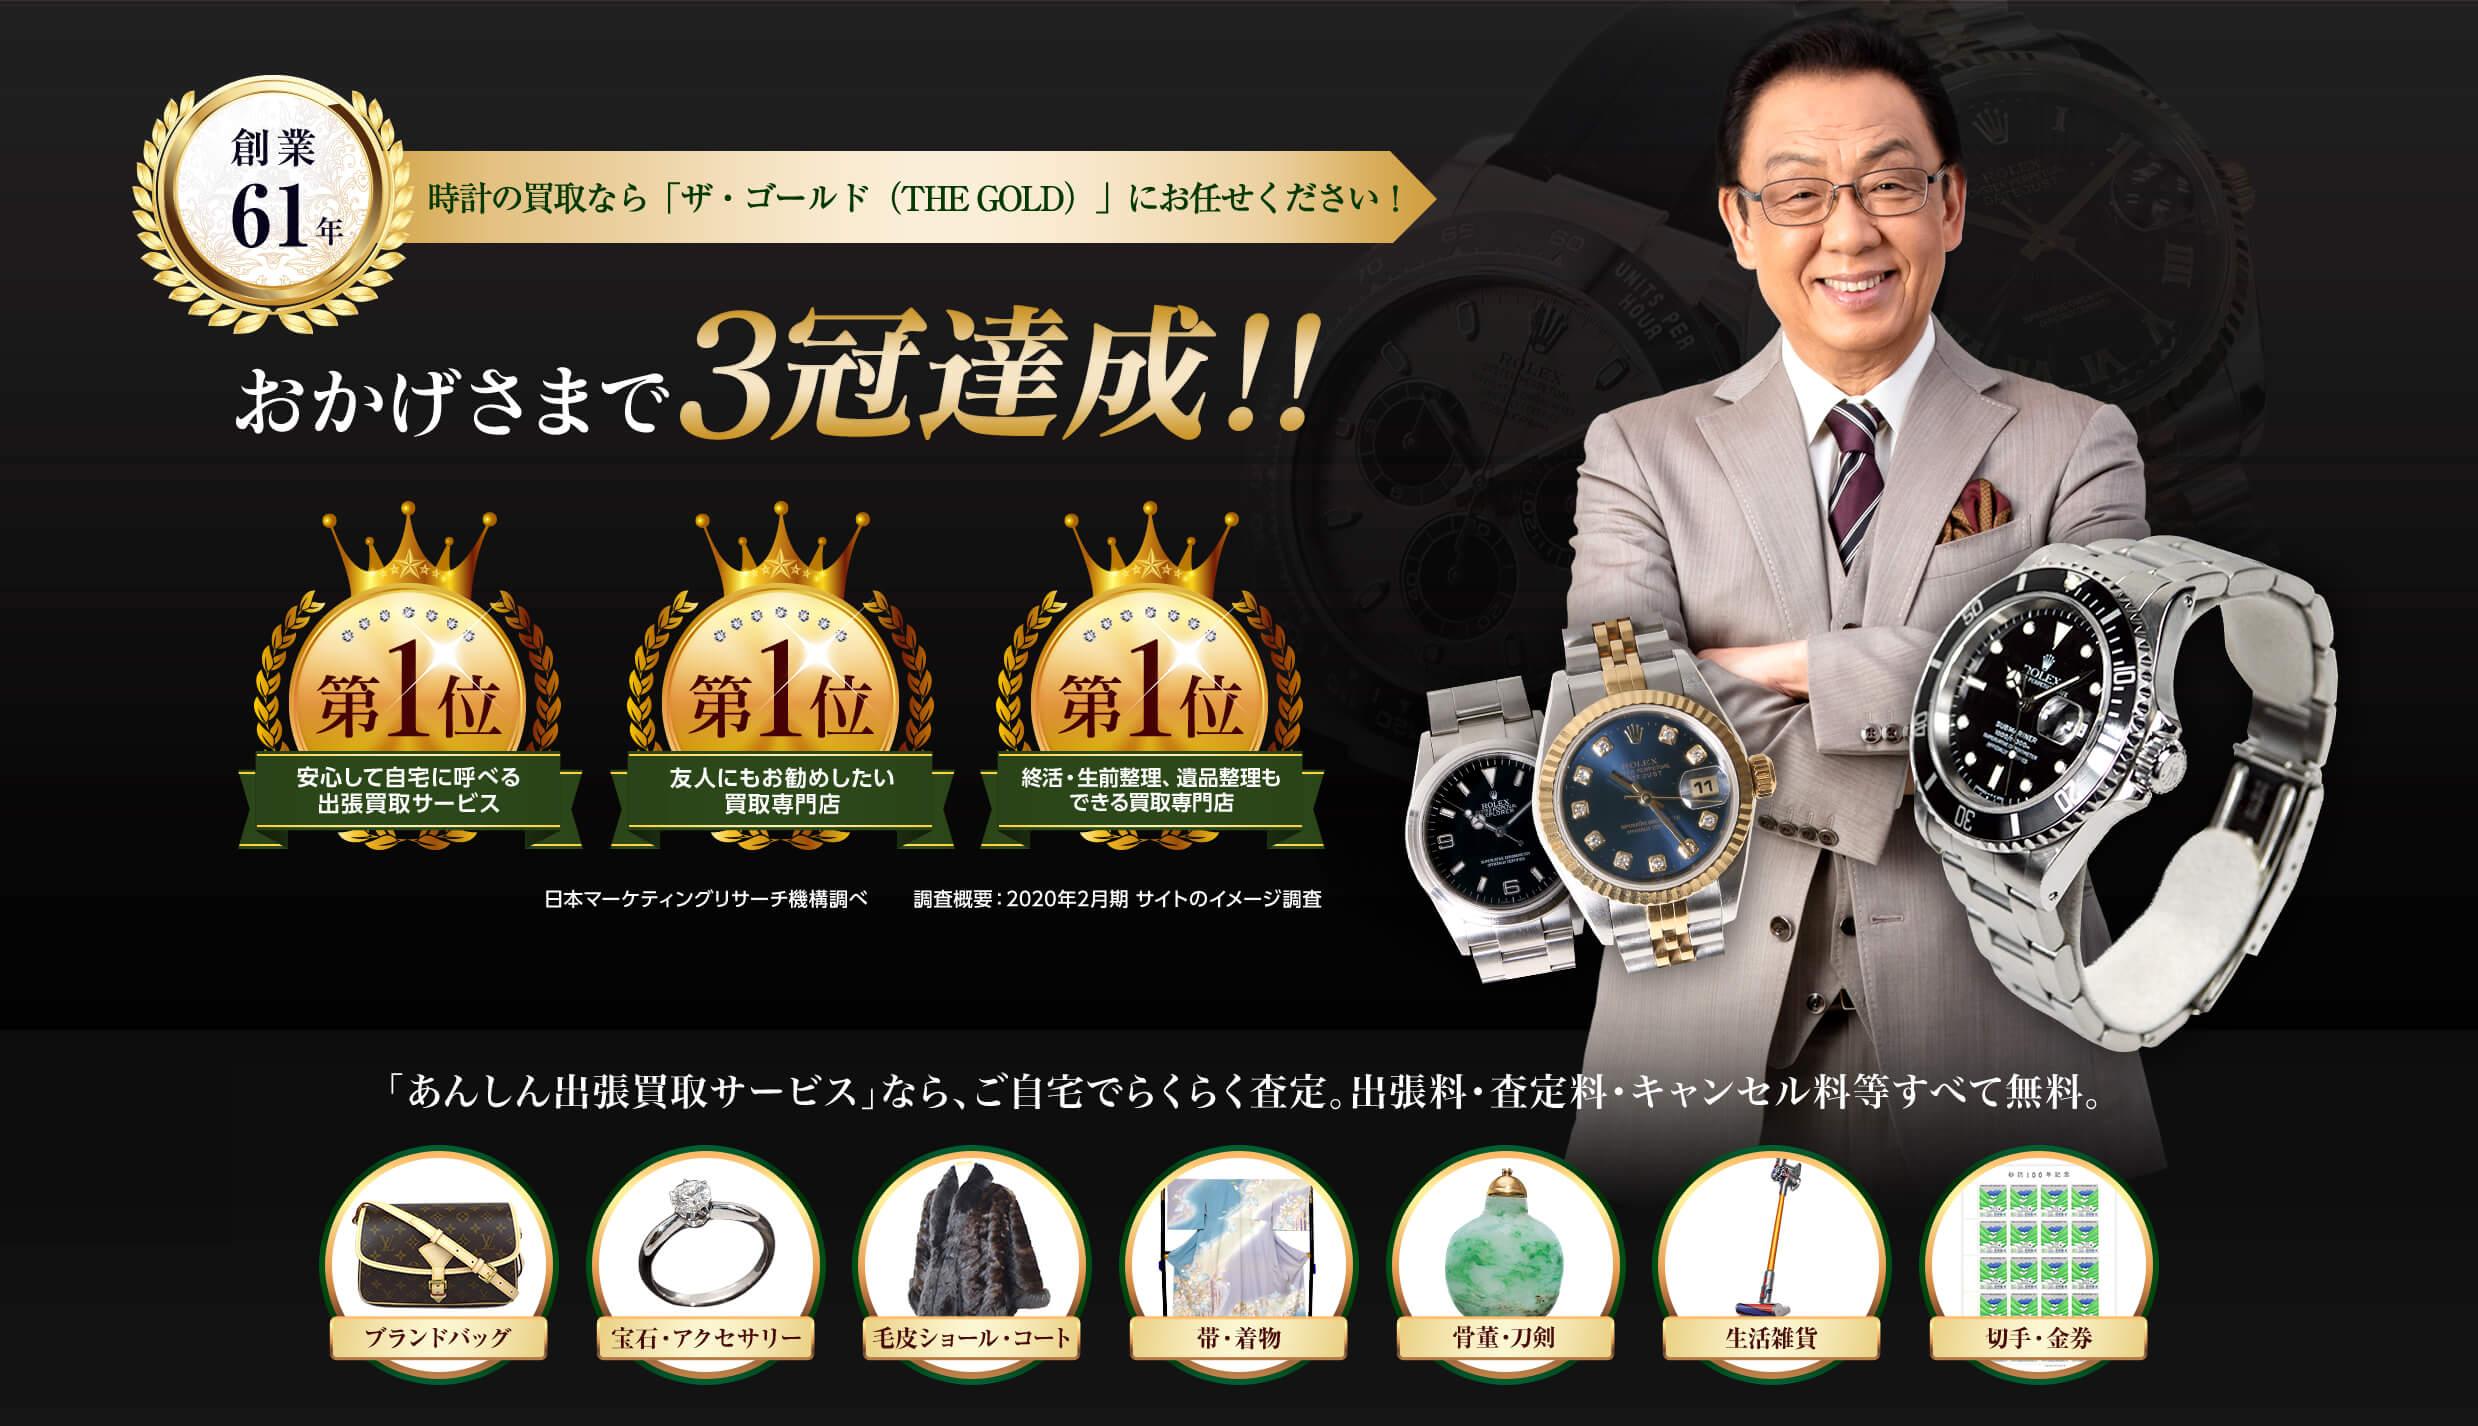 時計の買取なら「ザ・ゴールド(THE GOLD)」にお任せください!